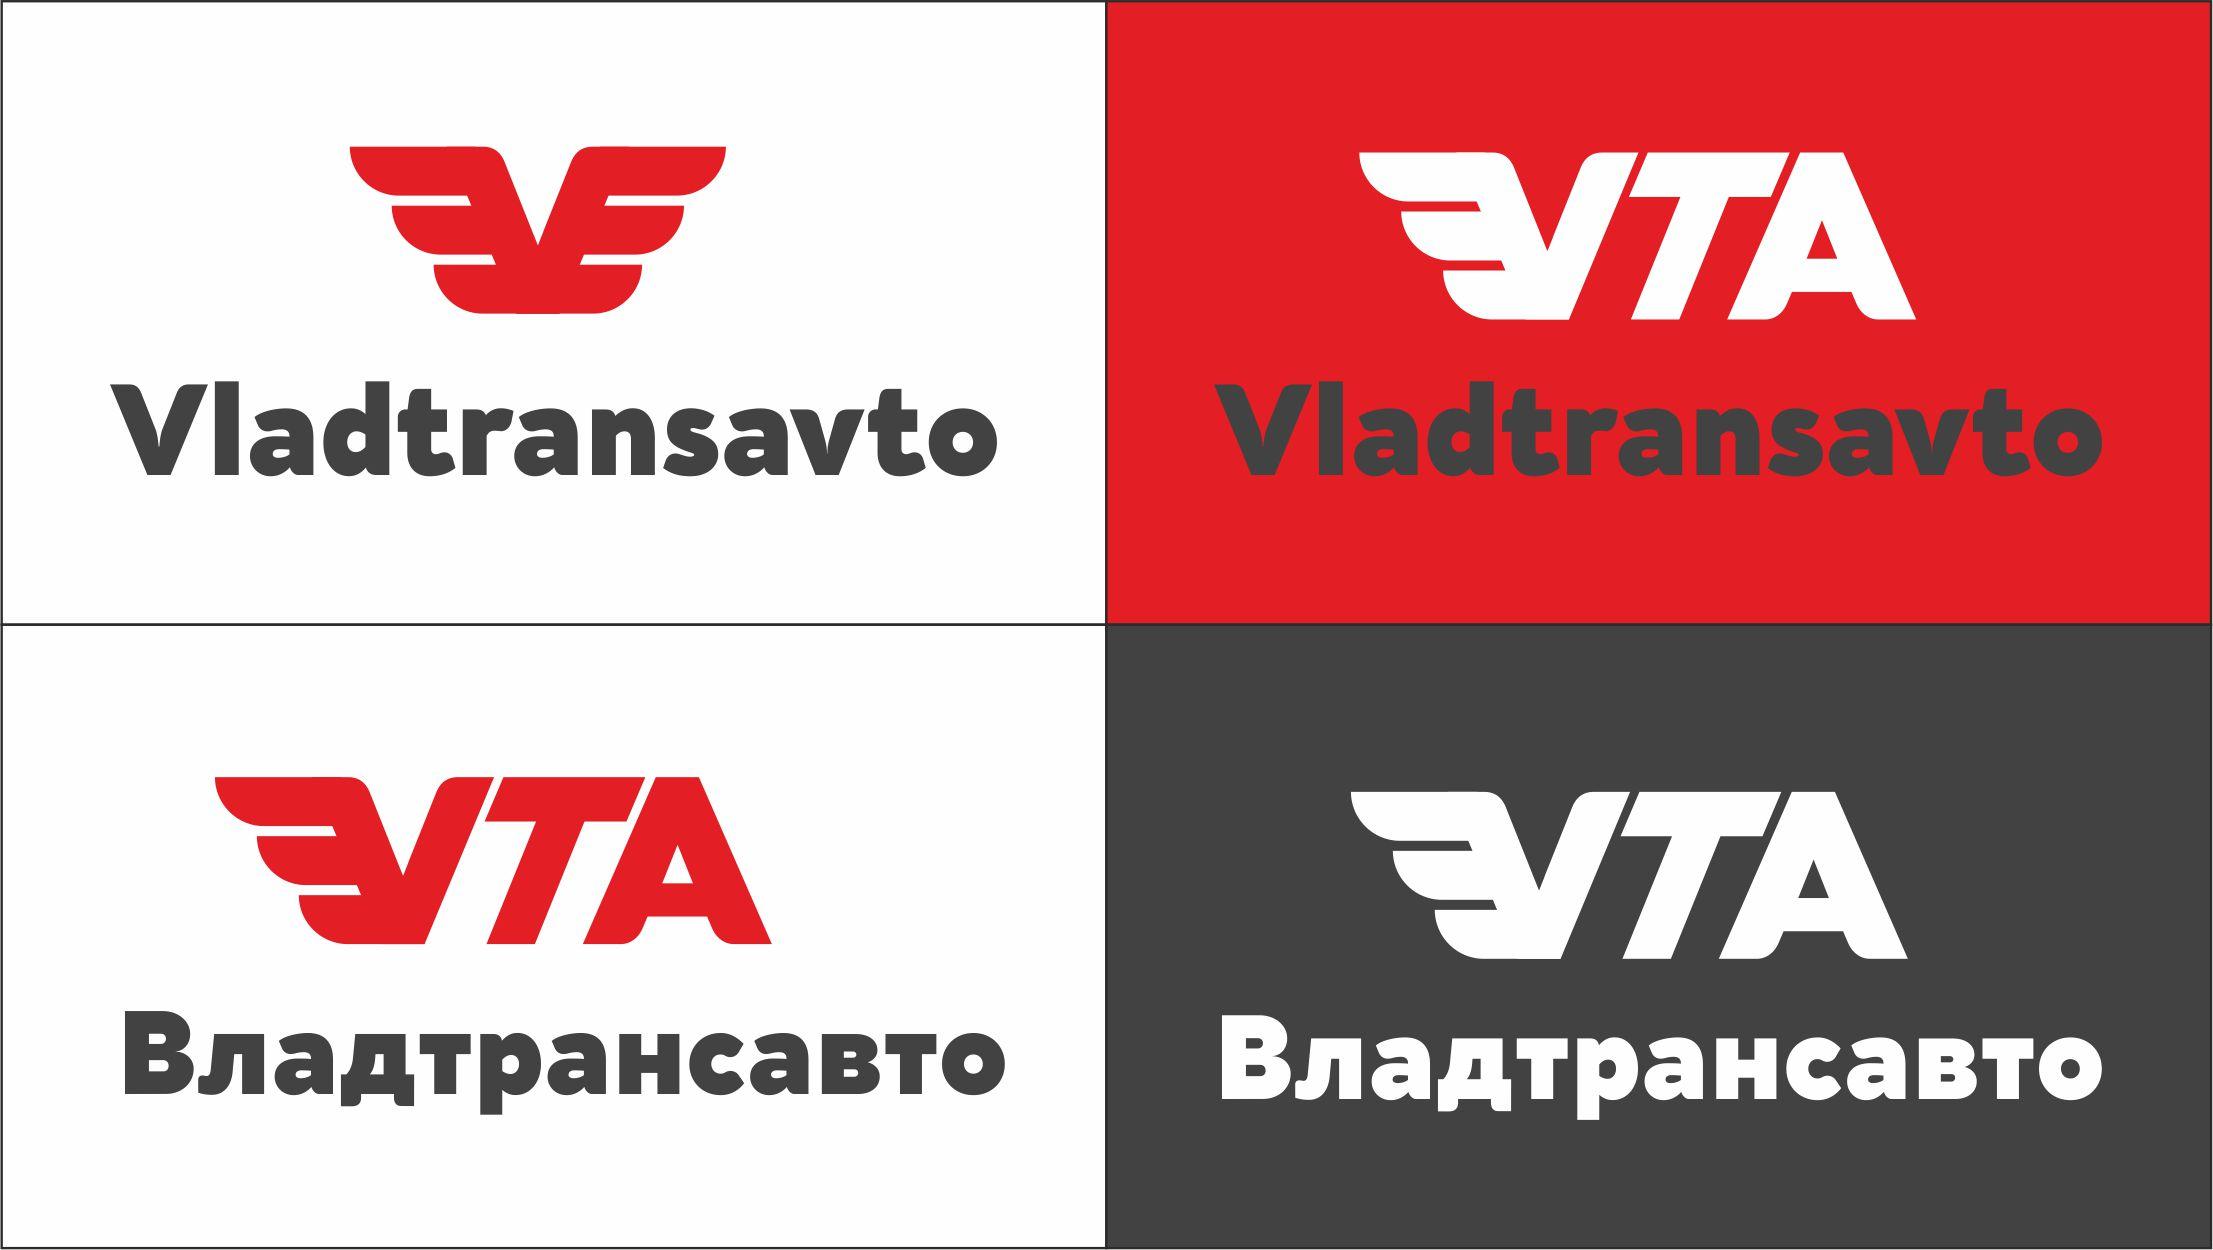 Логотип и фирменный стиль для транспортной компании Владтрансавто фото f_3485cdd317c262af.jpg